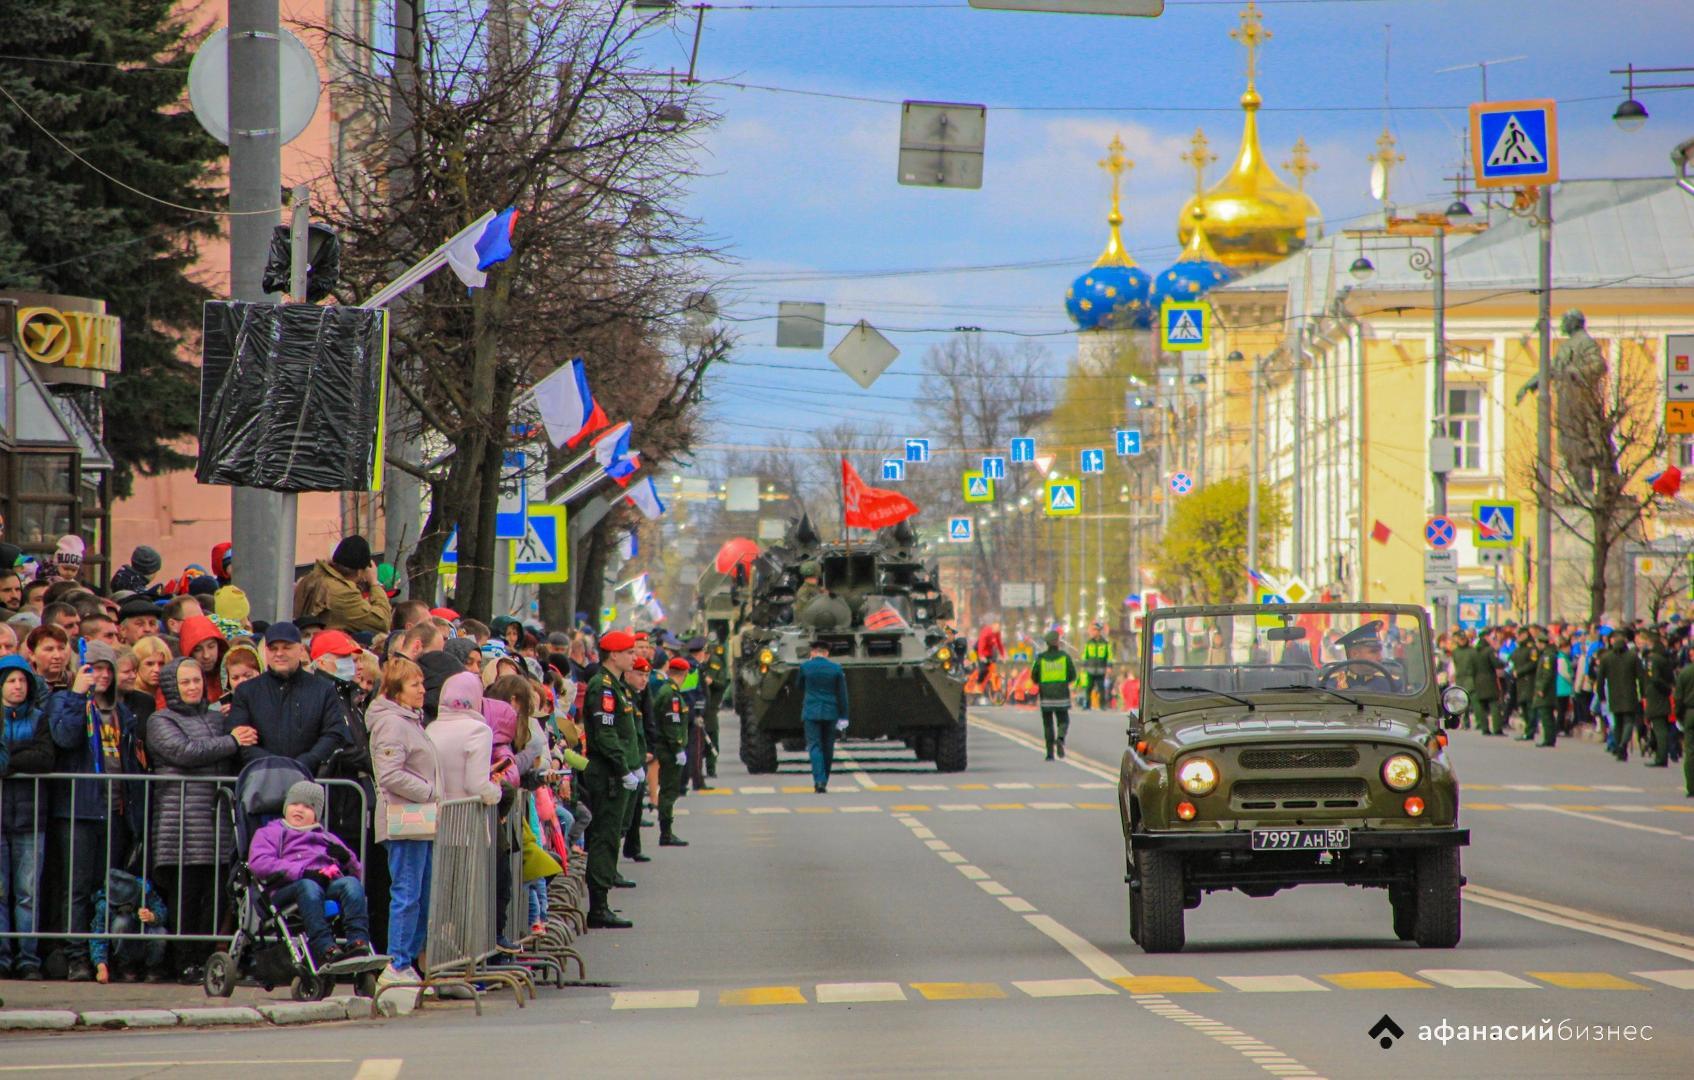 Тверскую «Золушку» с Парада Победы в Твери поощрят